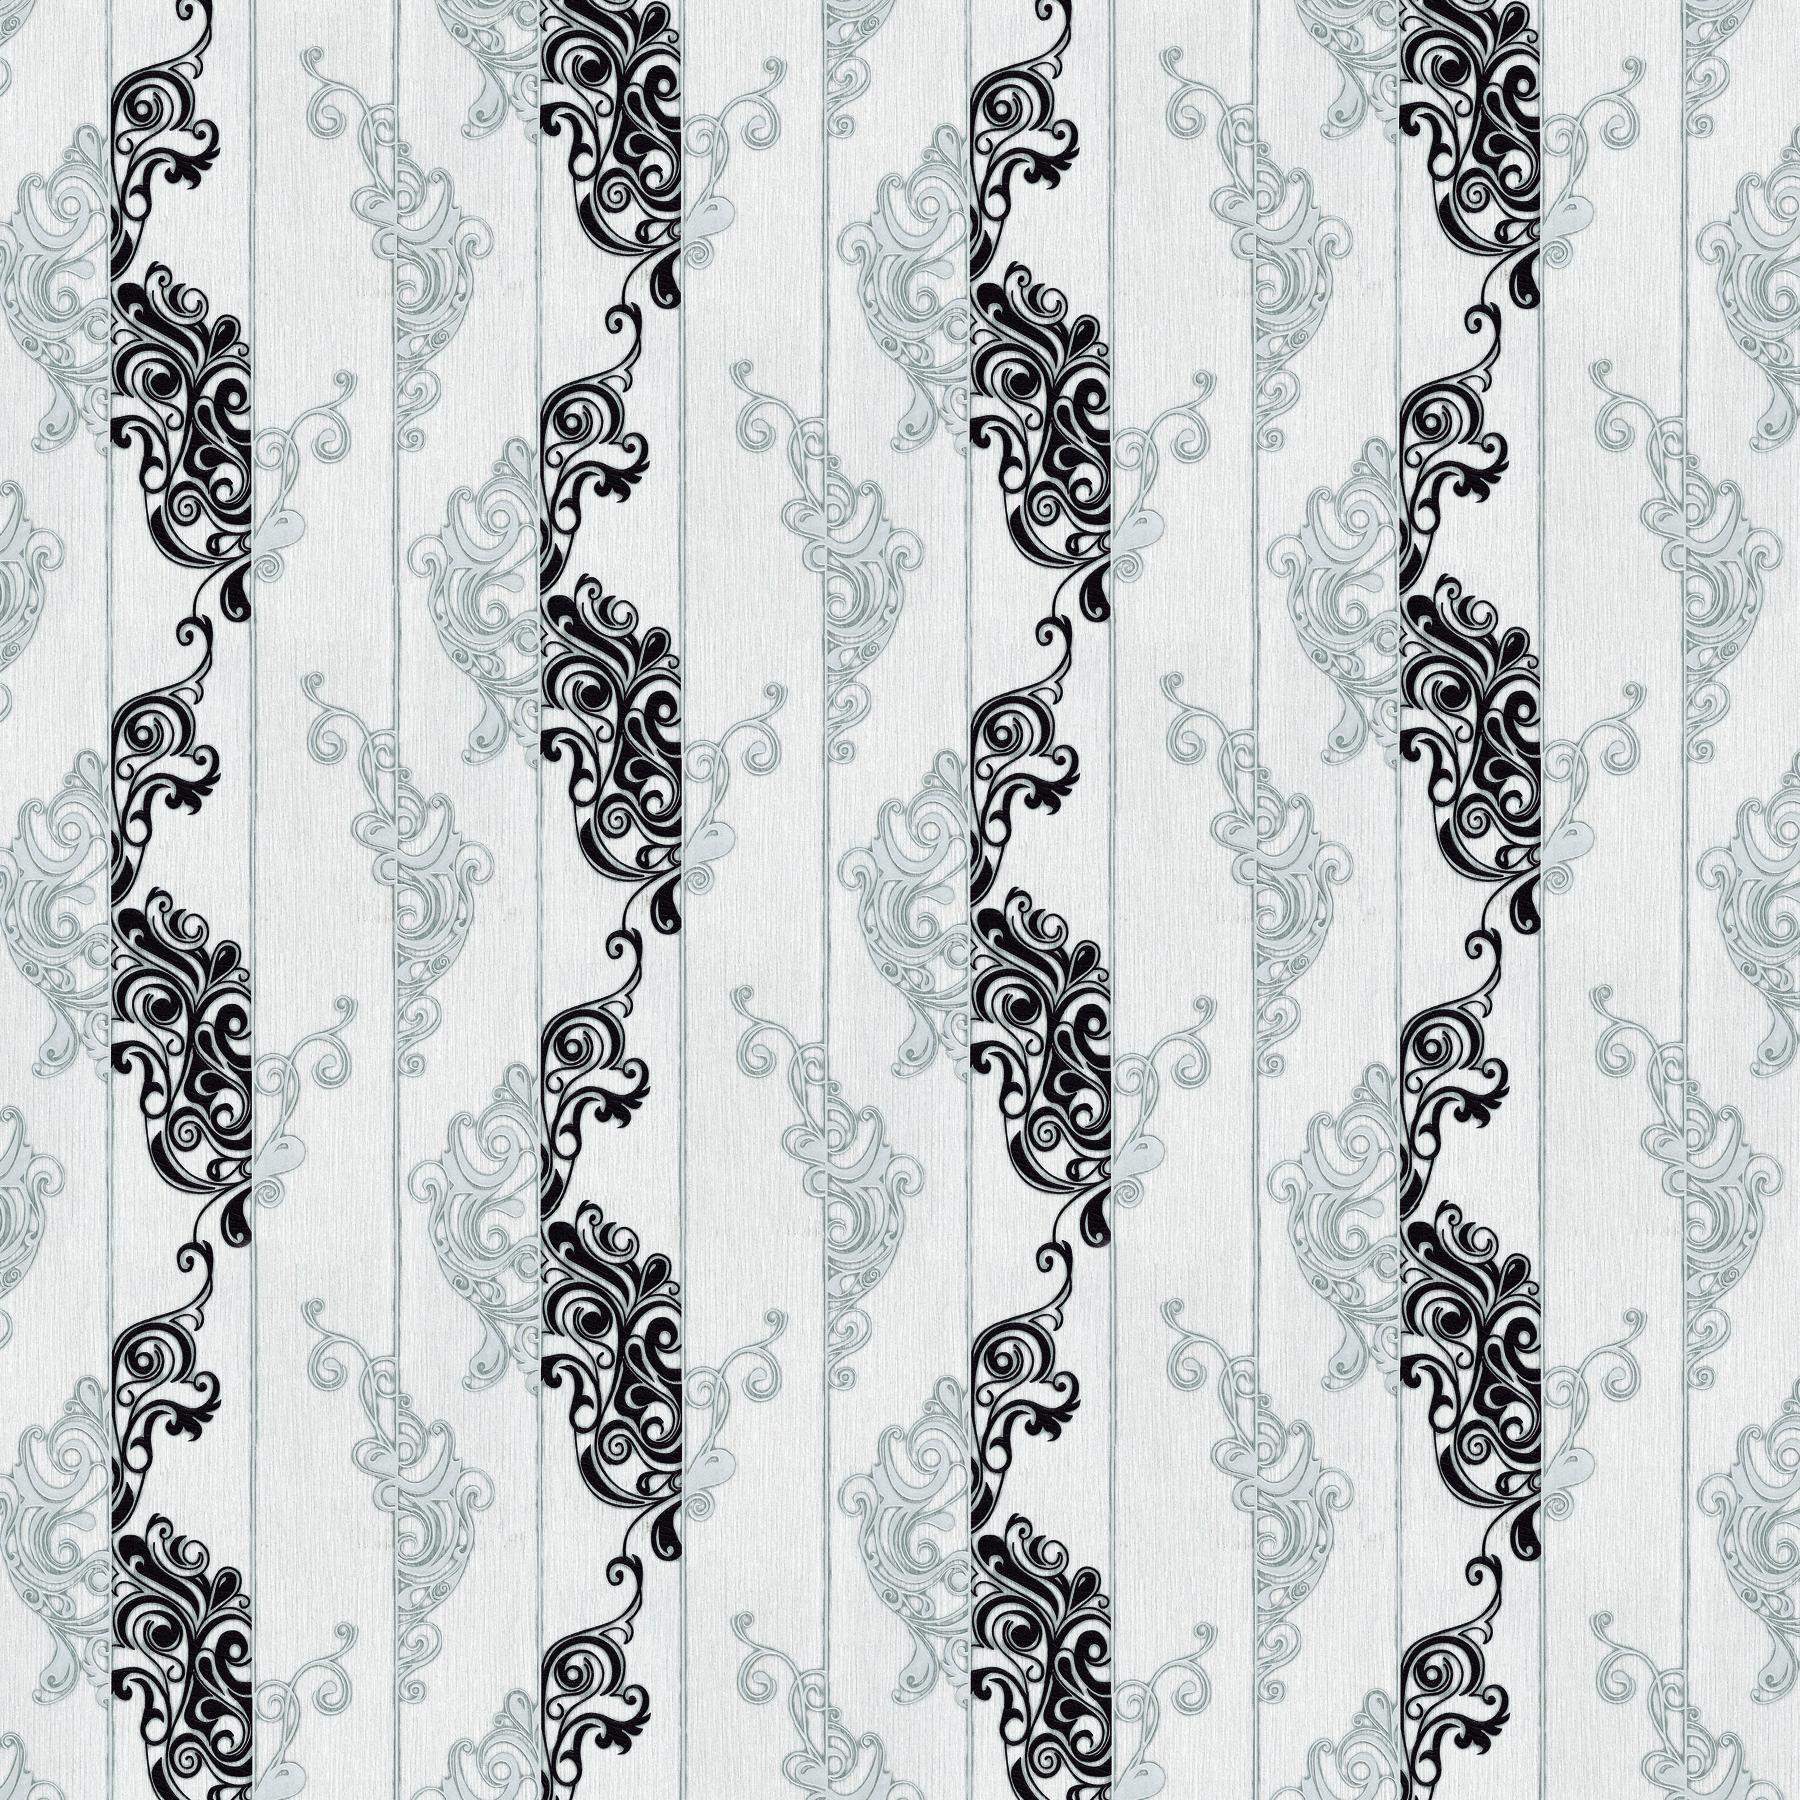 Giấy dán tường Hàn Quốc hoa xoắn đứng-màu trắng 82984-1